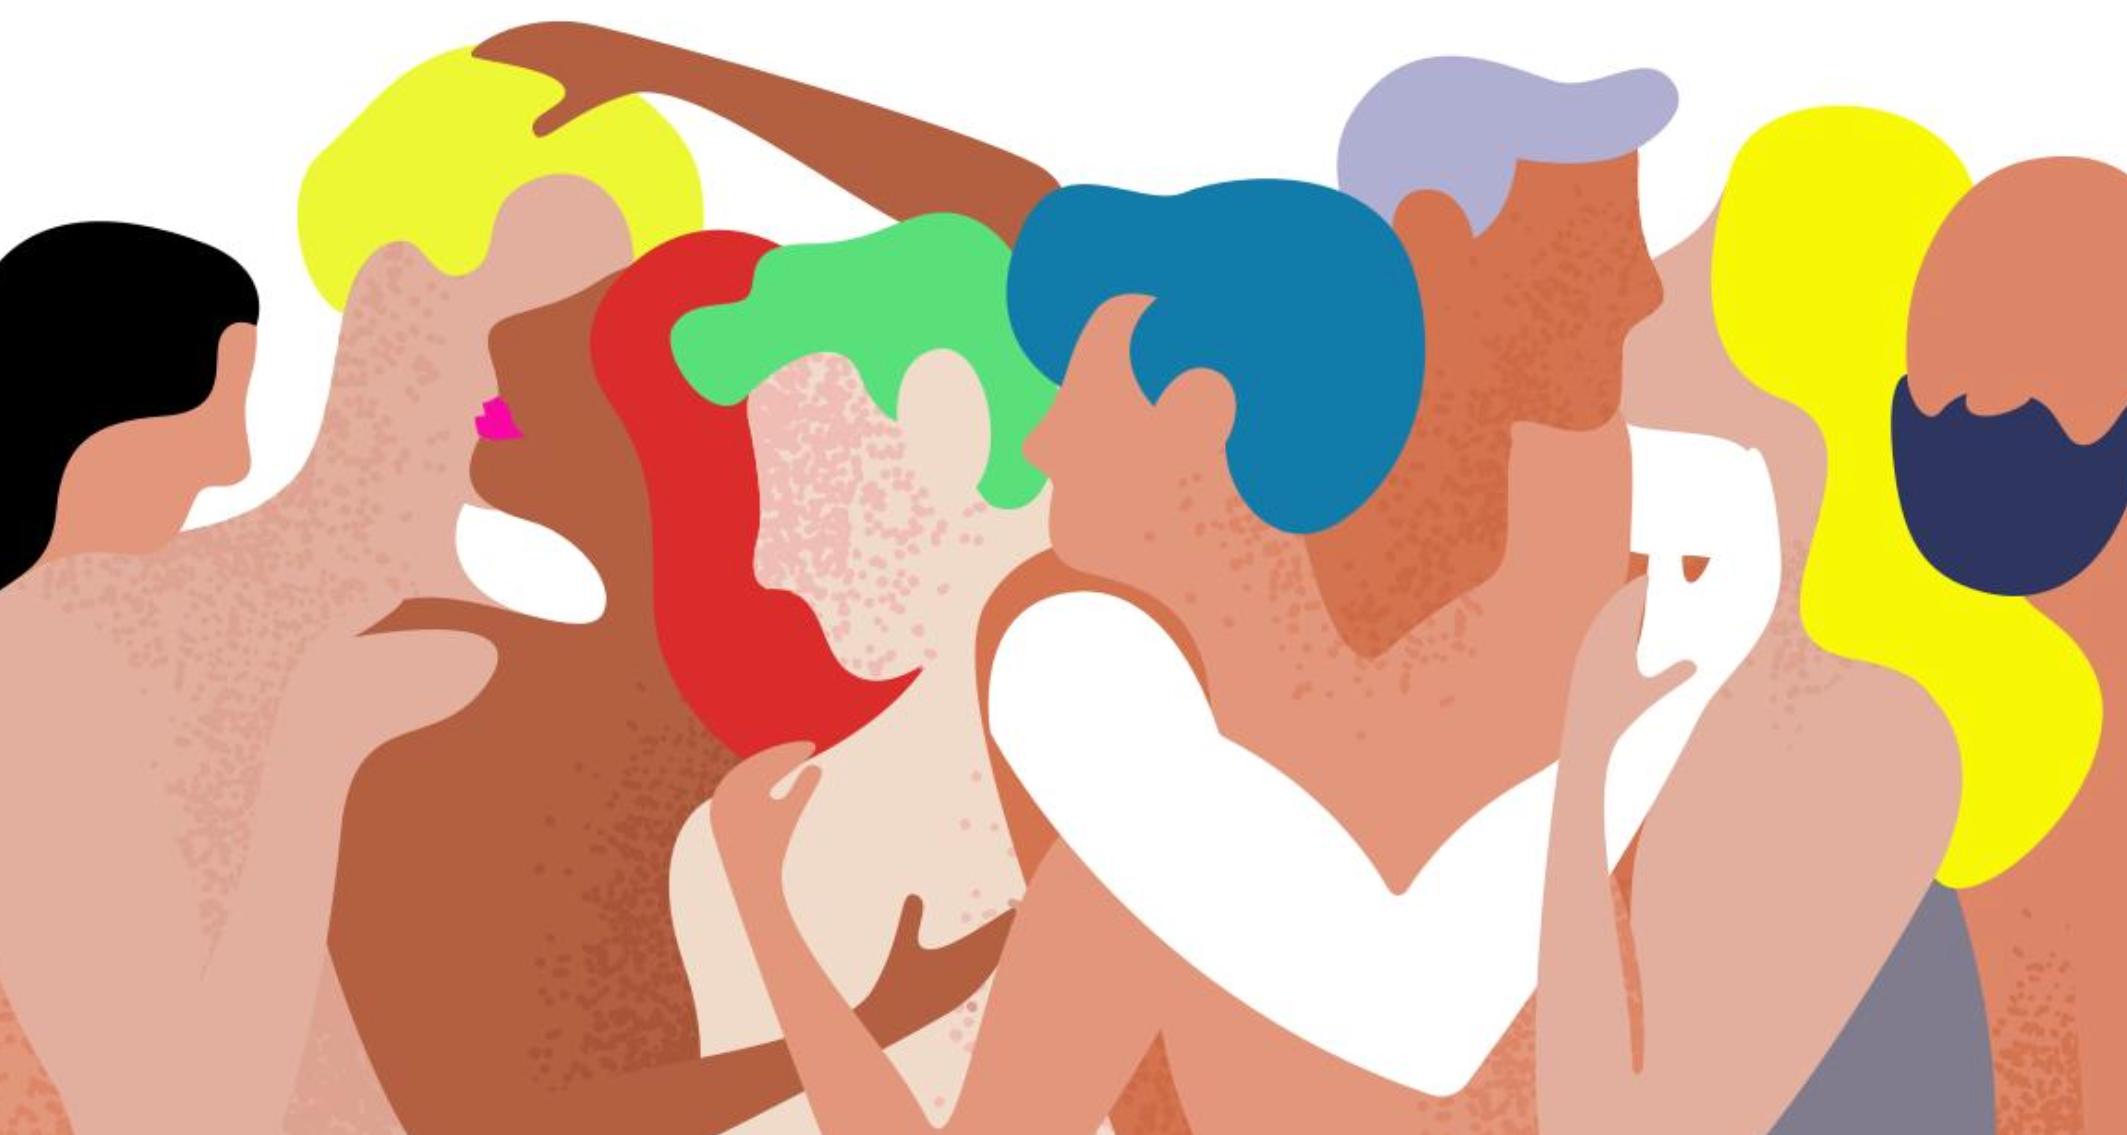 El a politikától: kettőnél több személy házasságát miért ne lehetne engedélyezni?